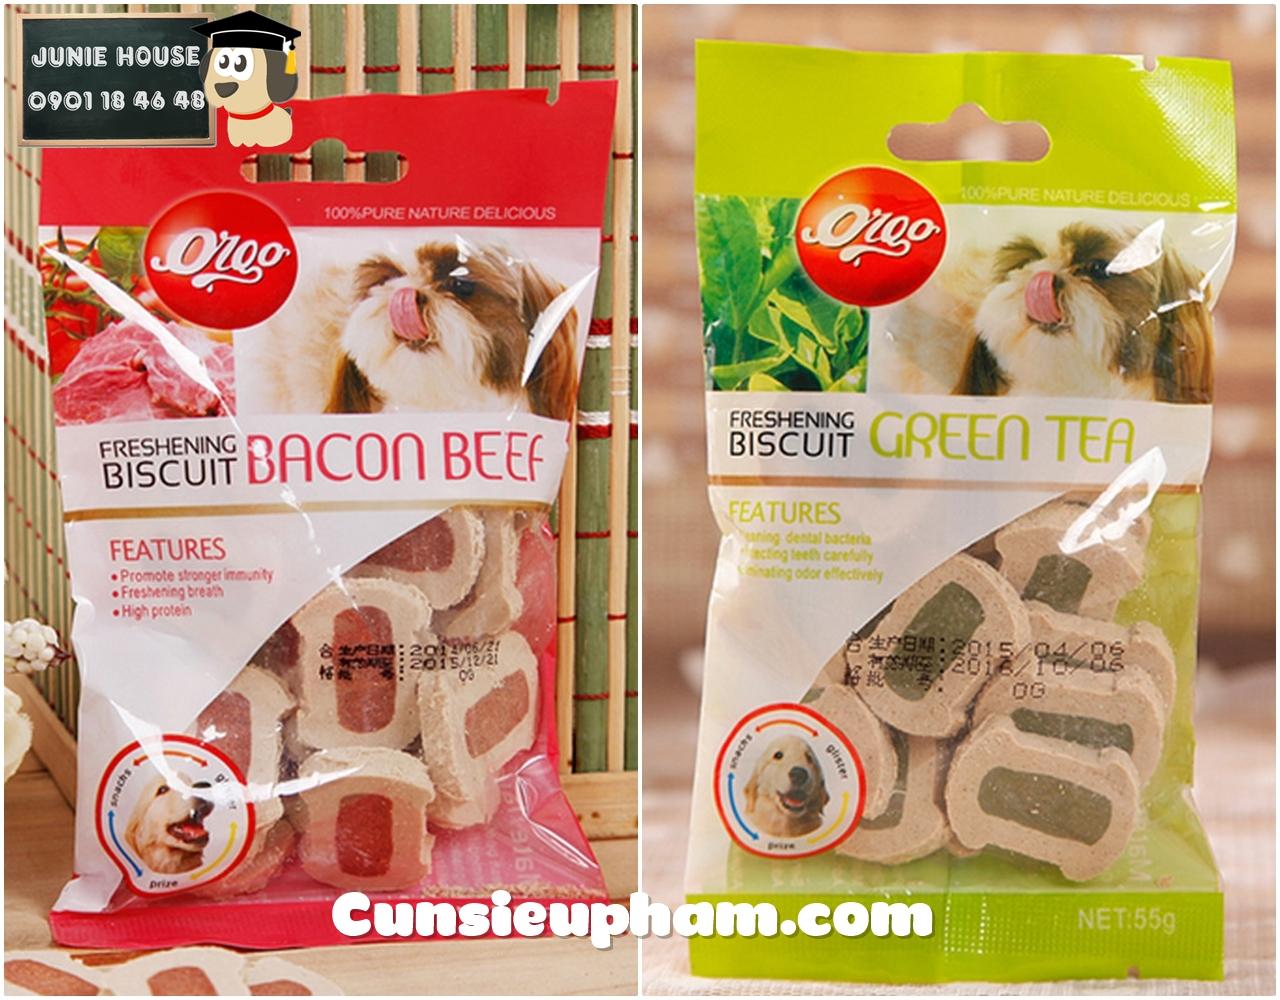 Junie House chuyên cung cấp quần áo cho chó, quần áo chó mèo, đồ chơi cho chó mèo, bánh quy thưởng cho chó mèo... Hotline 0901 18 46 48